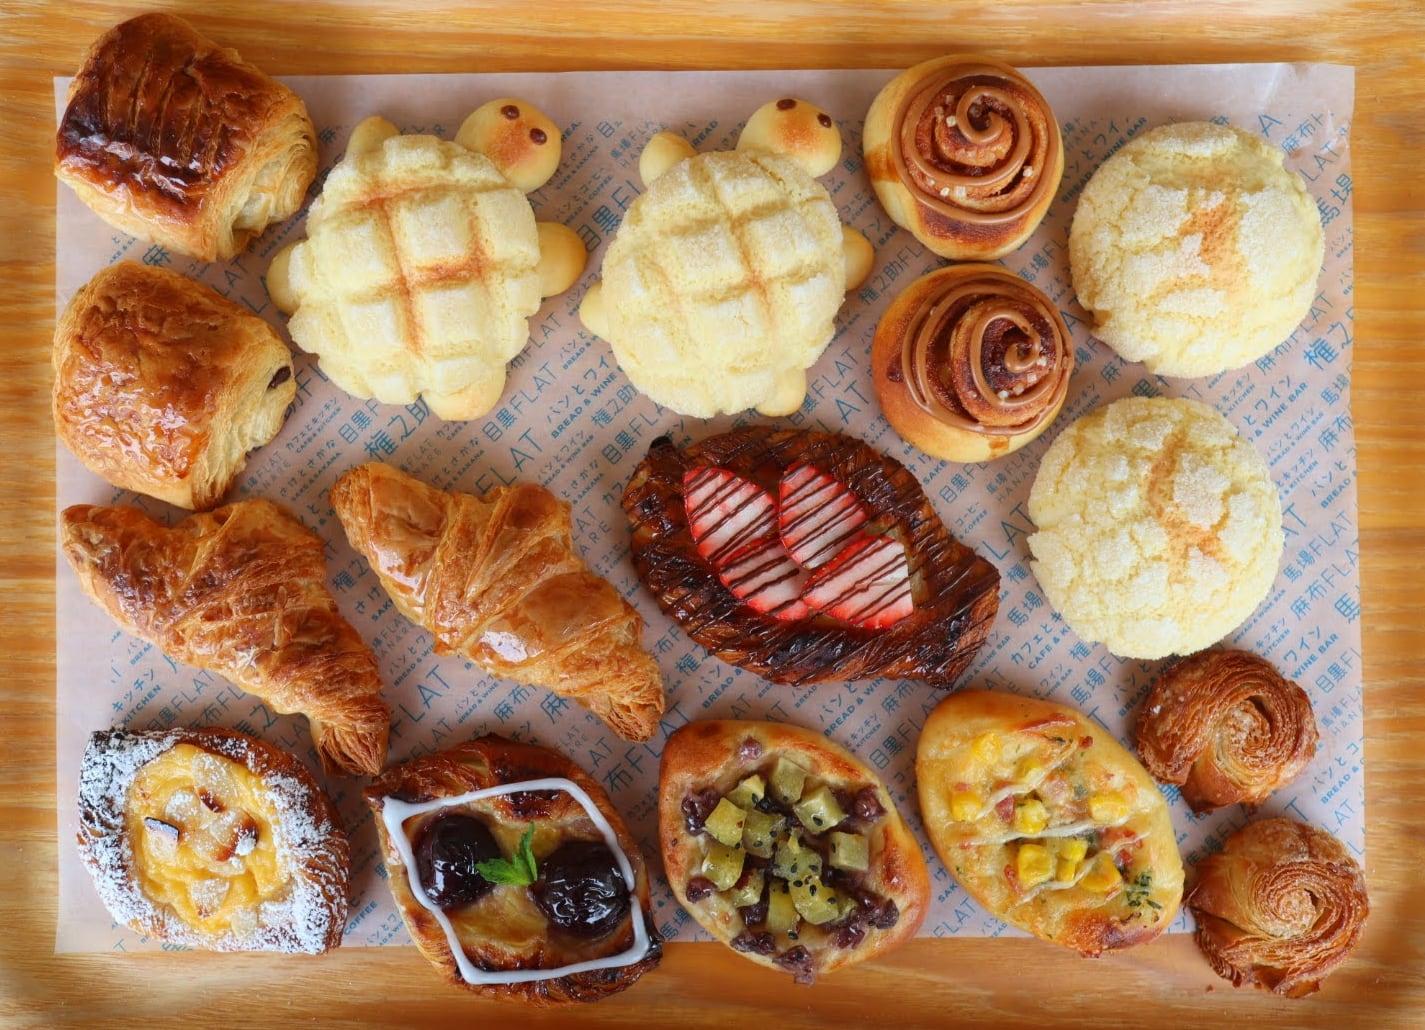 【手作りパンセット】「デニッシュ&菓子パン&メロン皮」冷凍パン生地セット